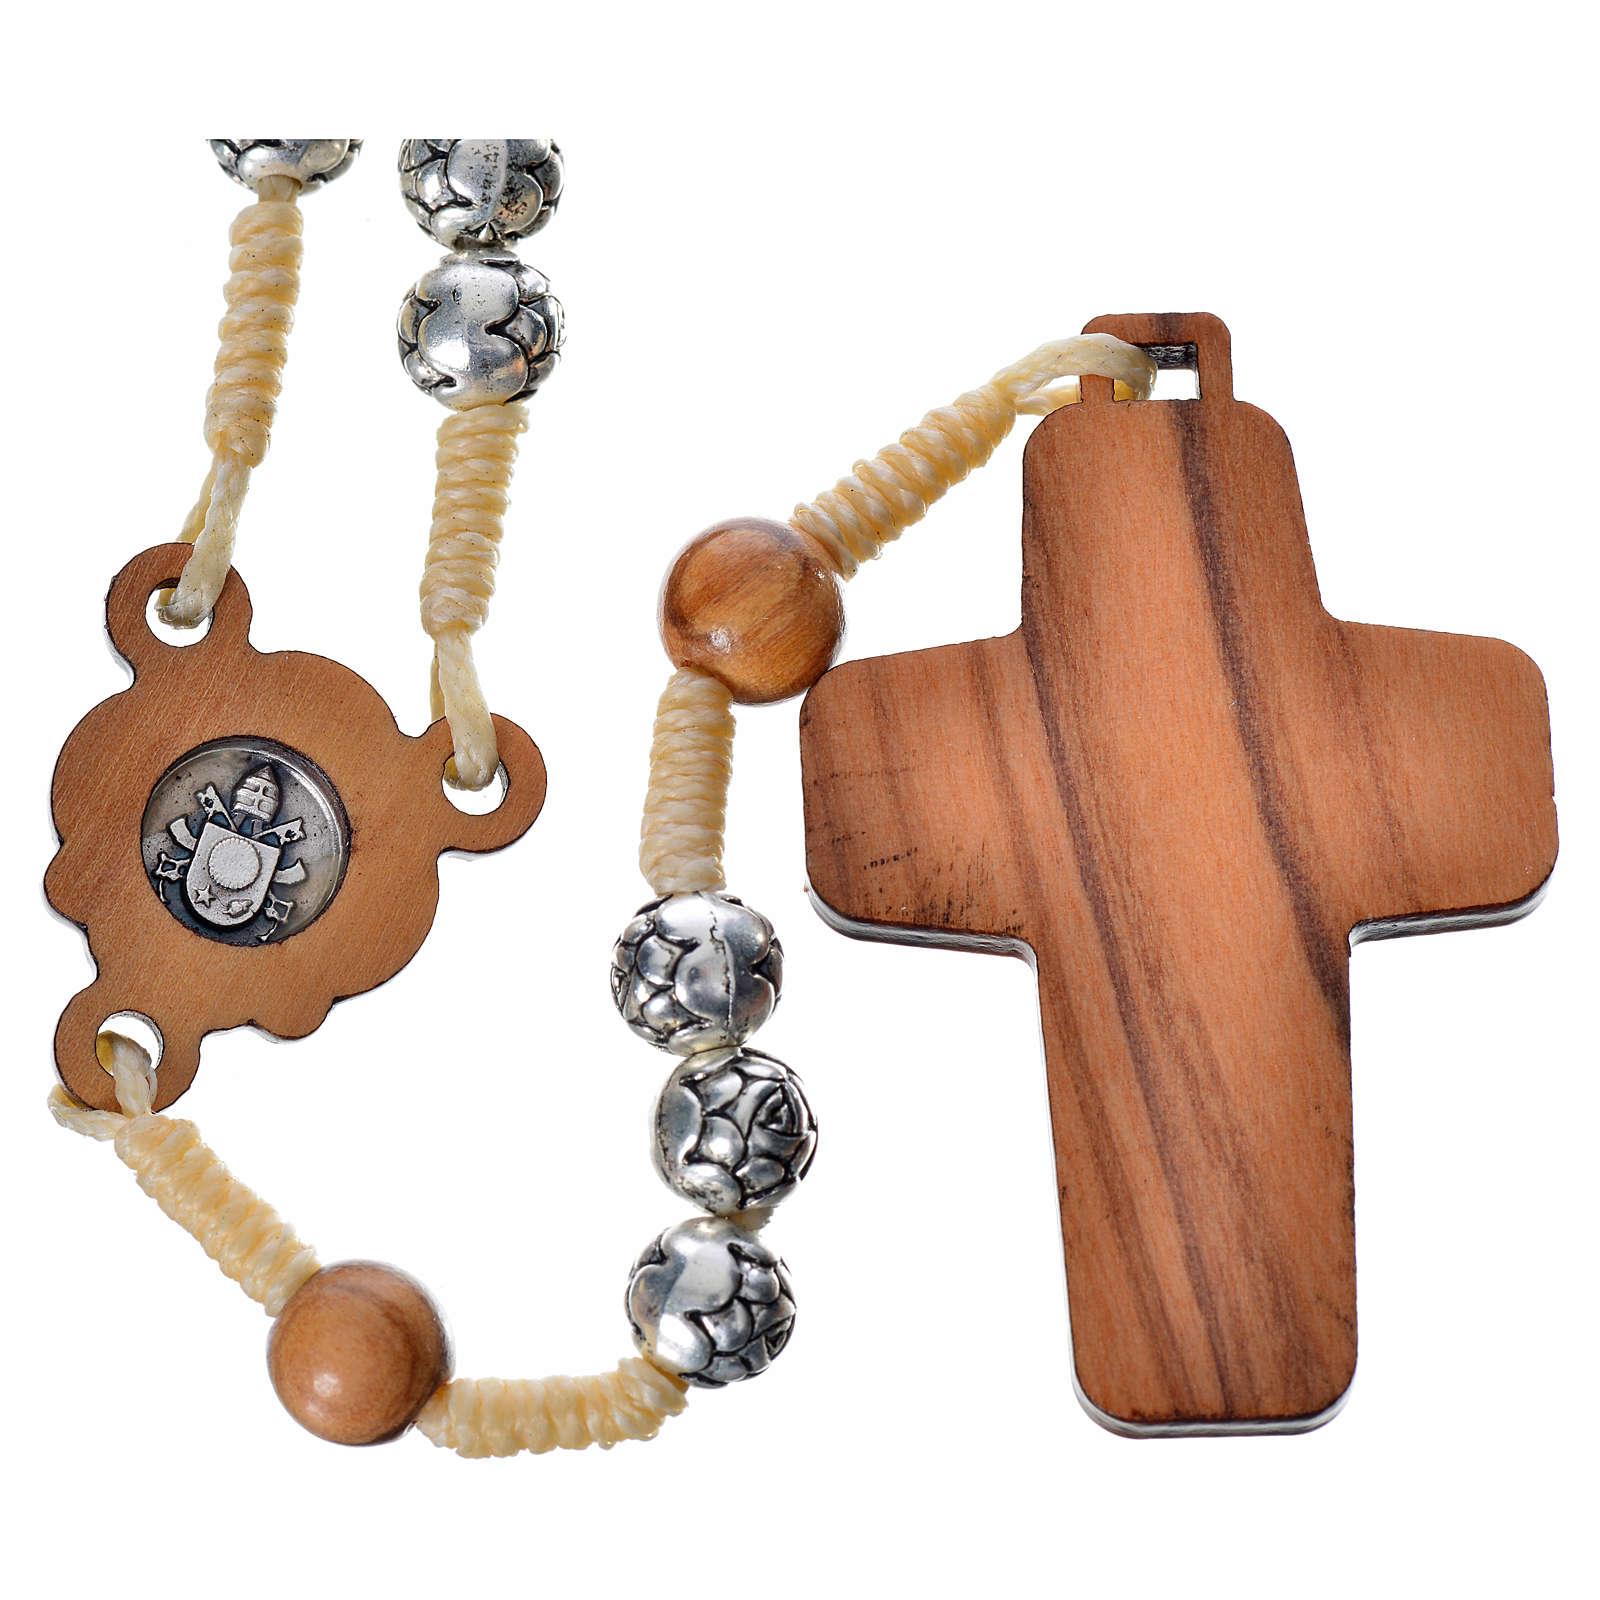 Chapelet en bois naturel et métal Pape François 4